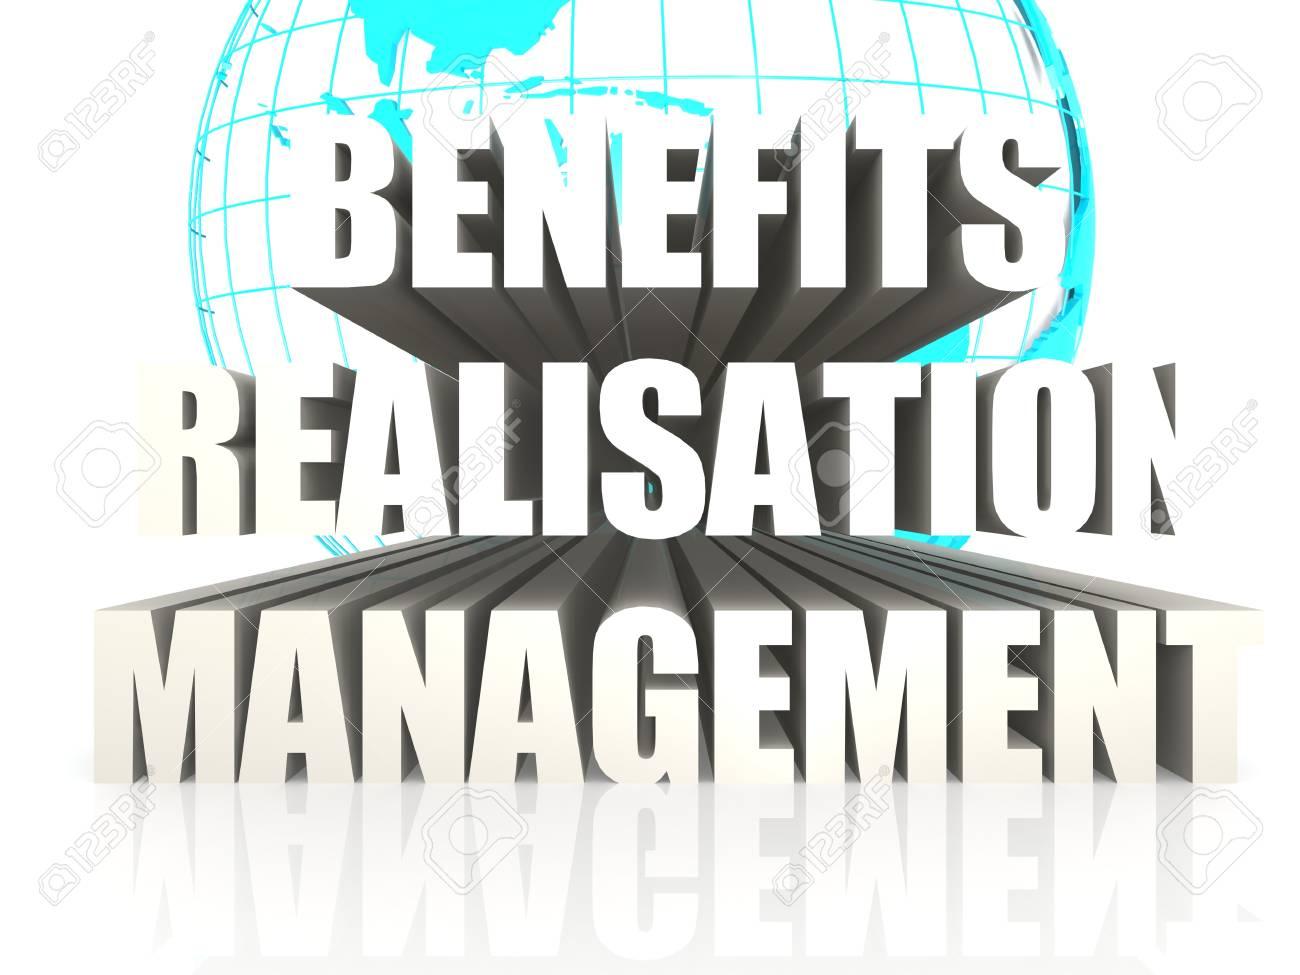 Benefits Realisation Management Stock Photo - 22635859